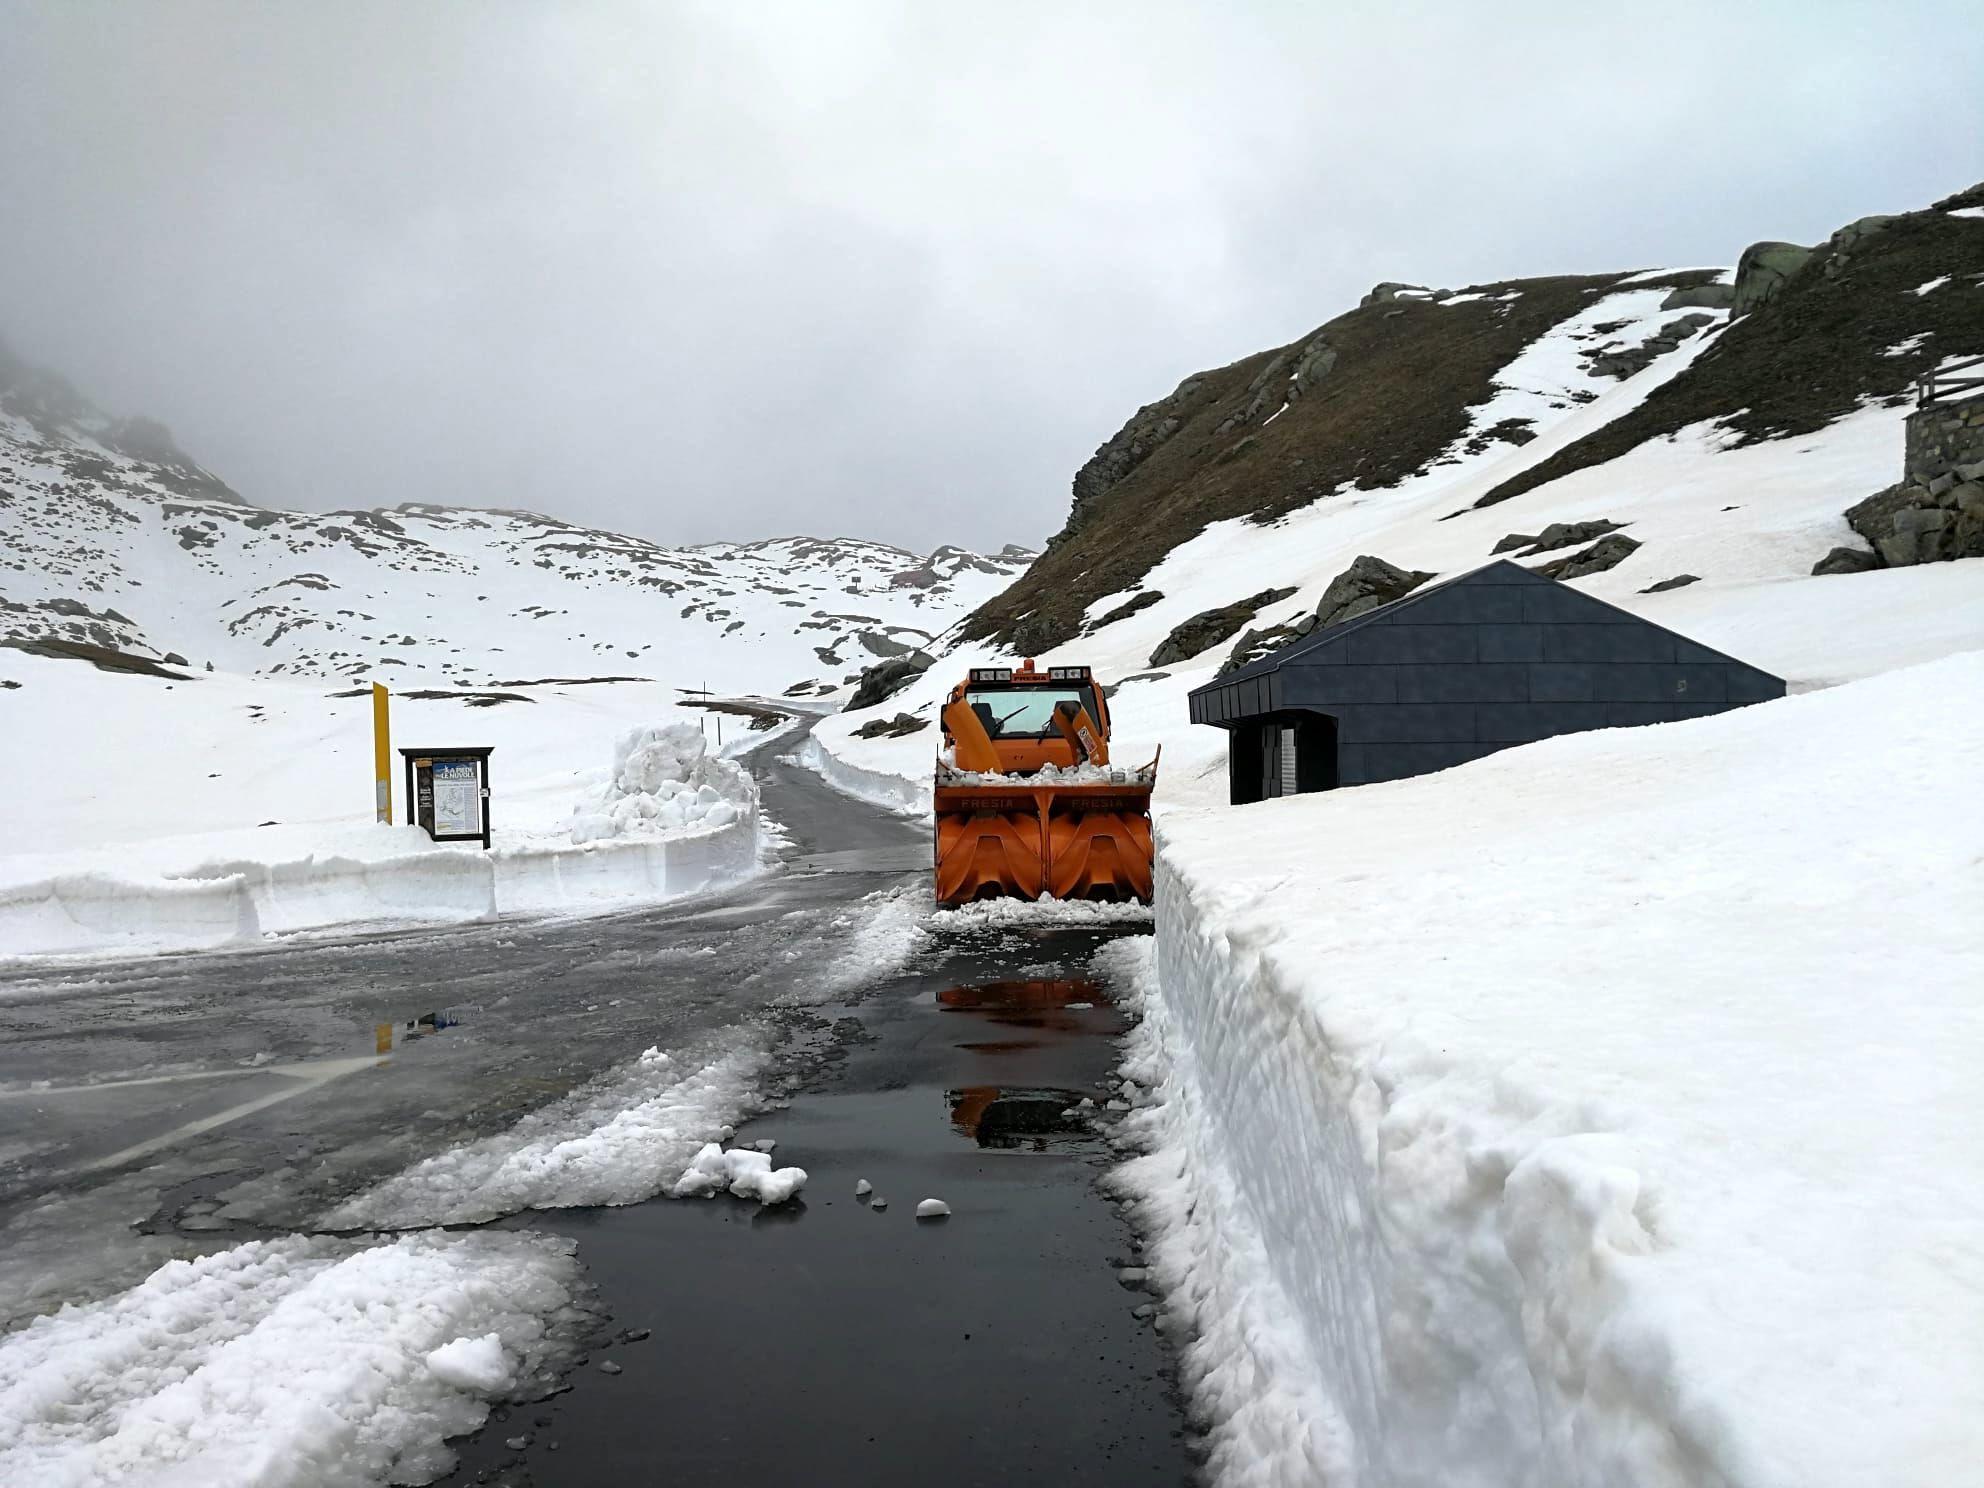 CERESOLE REALE - Da venerdi 11 si può andare fino al Nivolet: terminate le operazioni di sgombero neve - FOTO